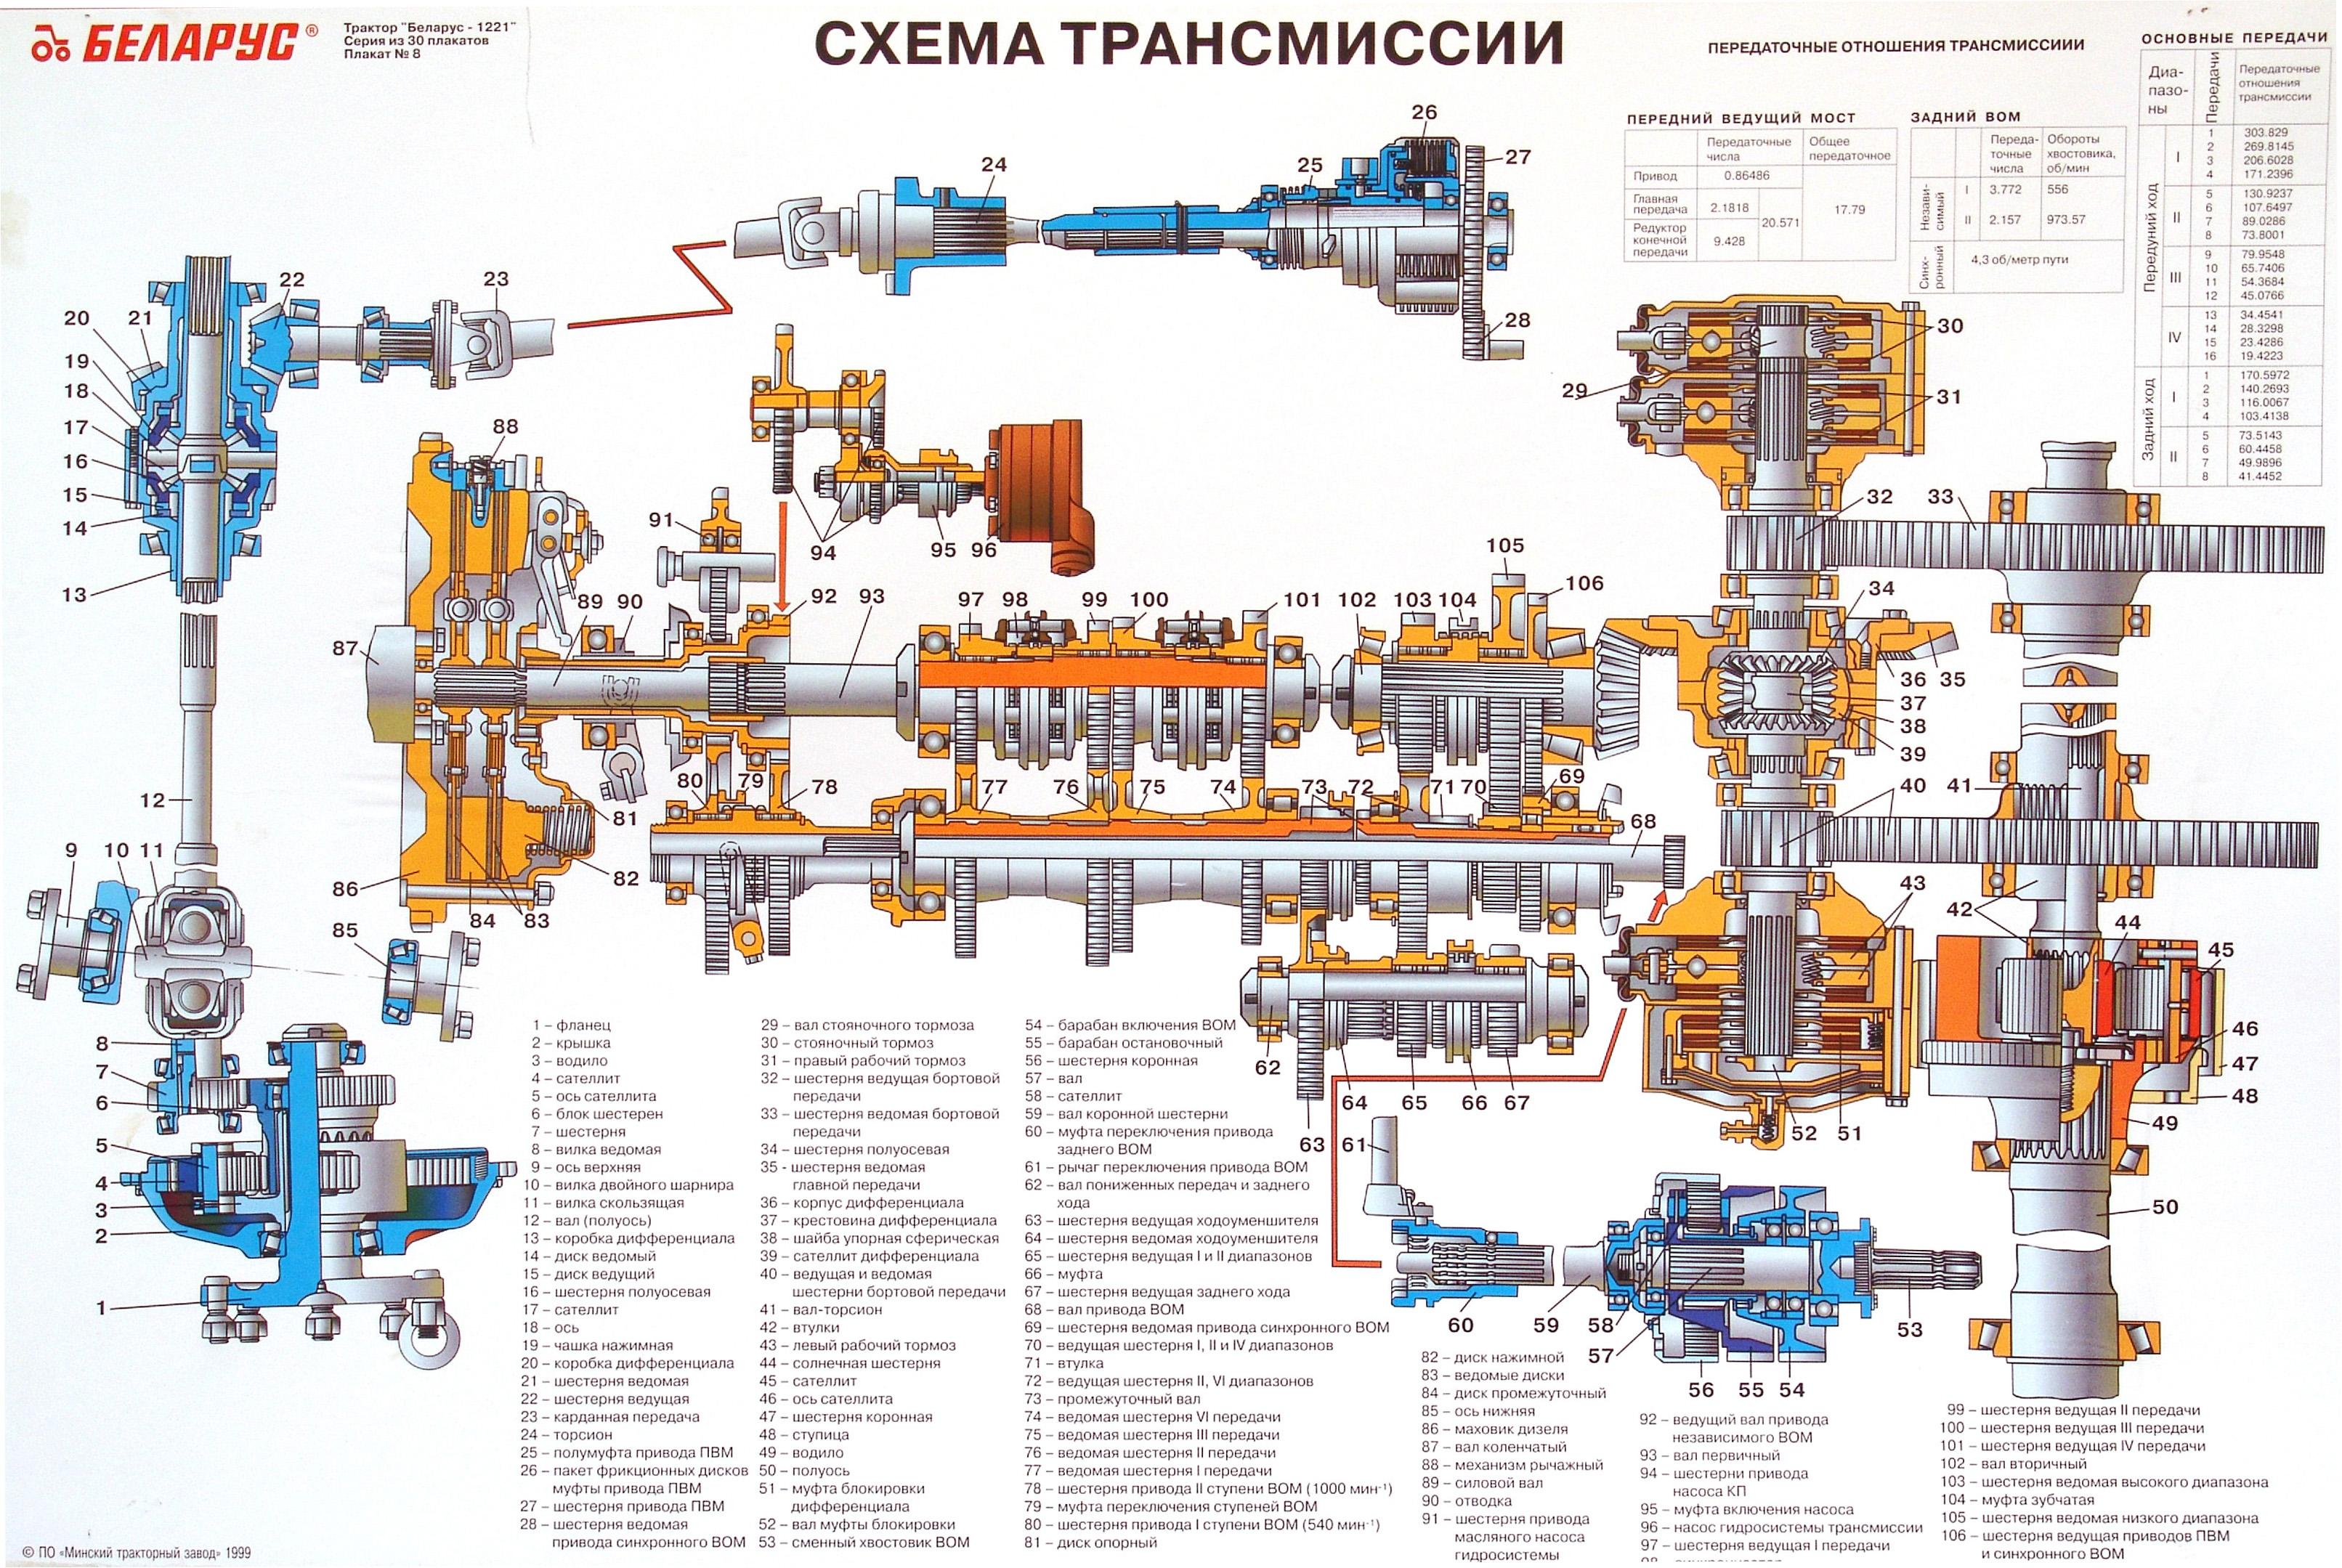 Схема трансмиссии да нет